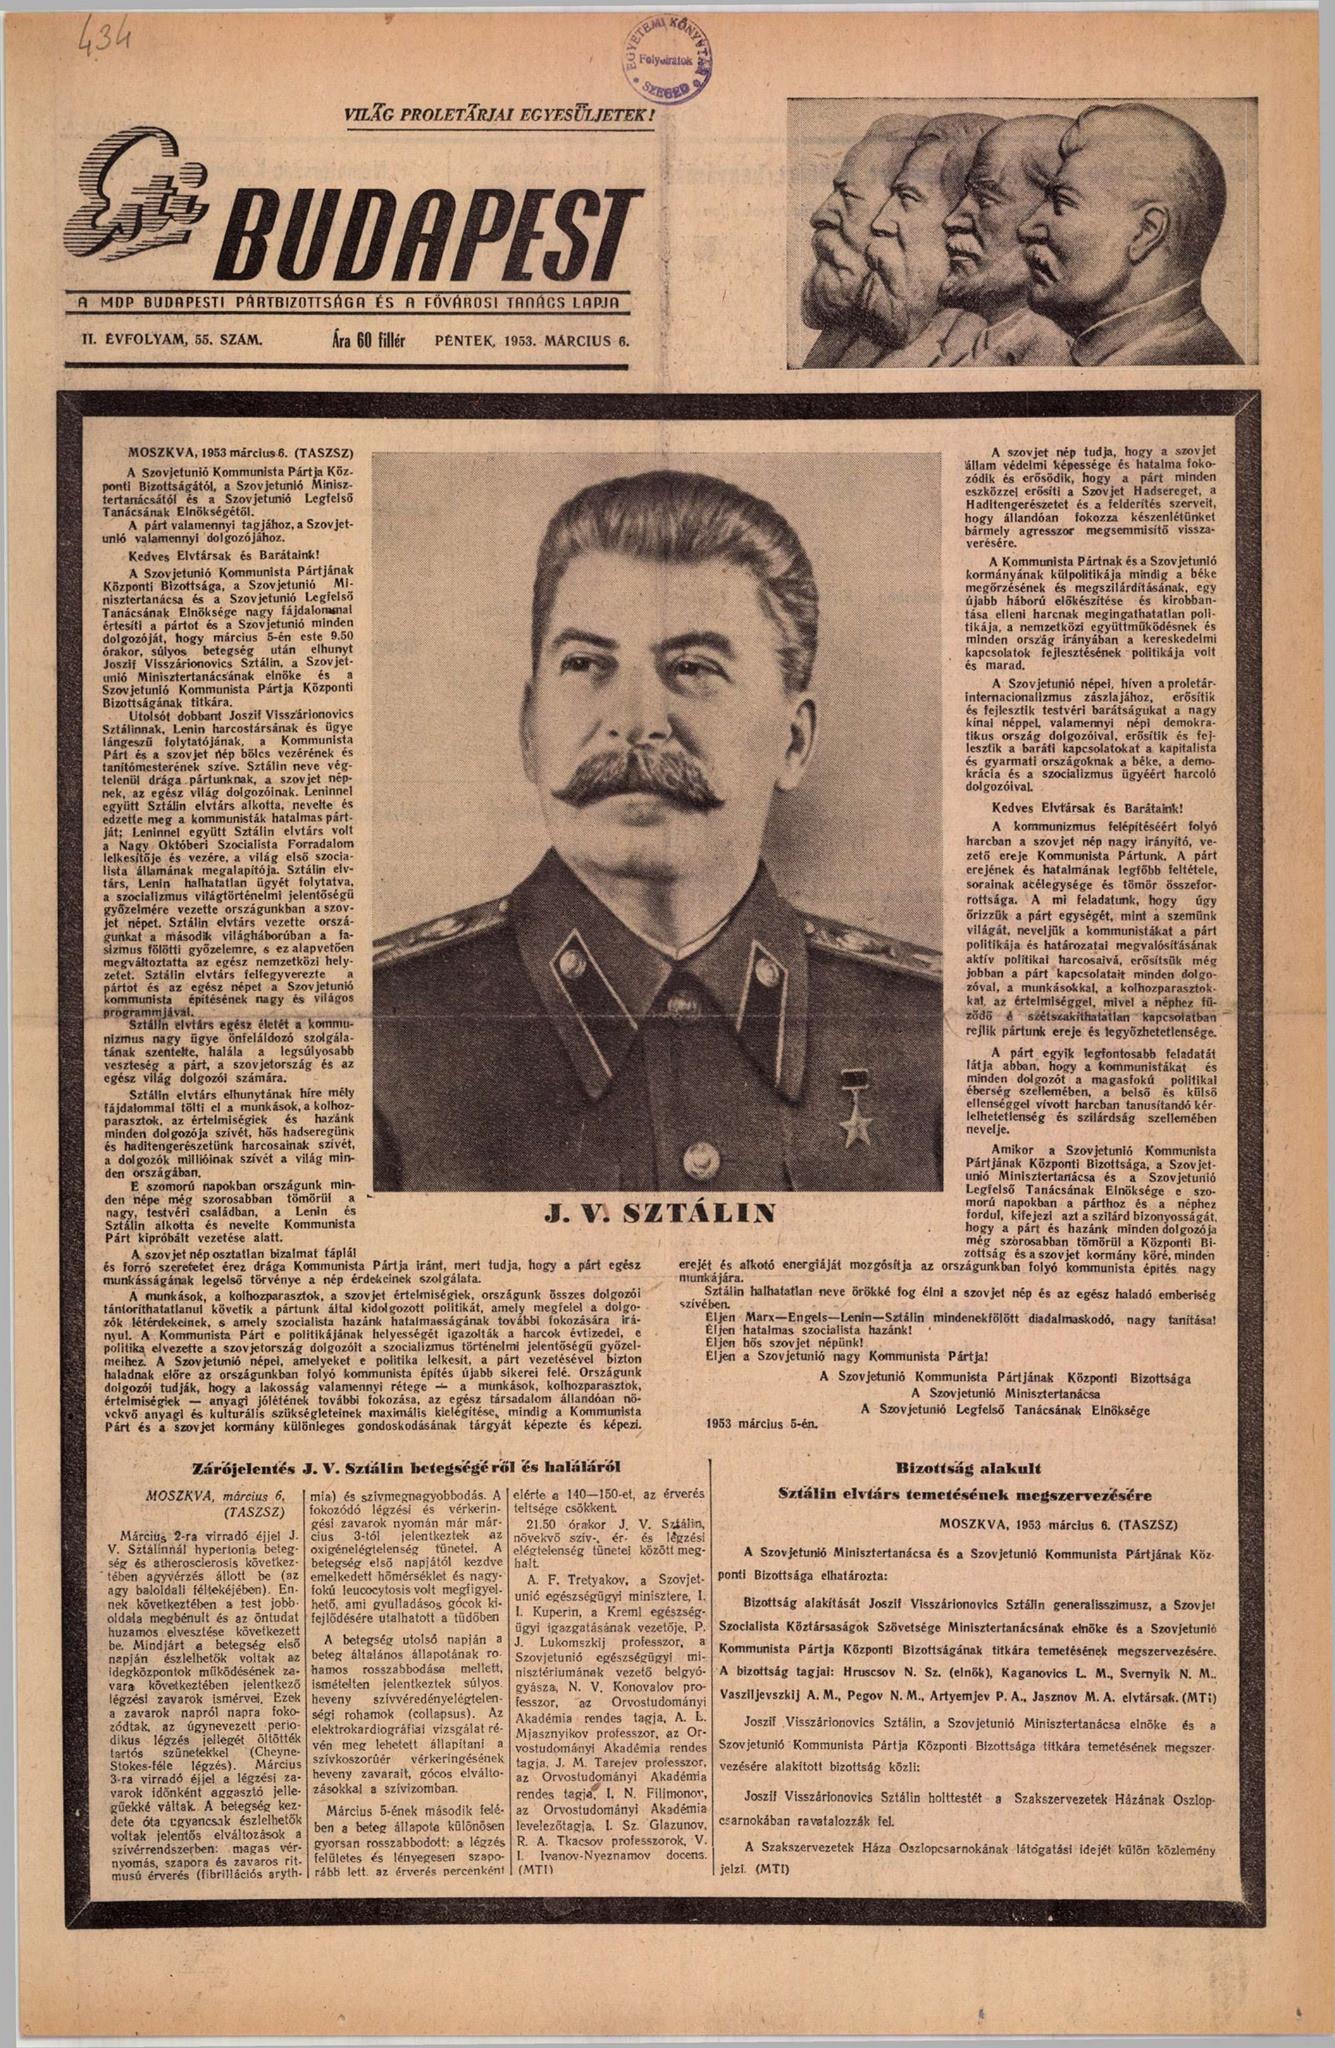 Az Esti Budapest 1953. március 6-i számának borítója